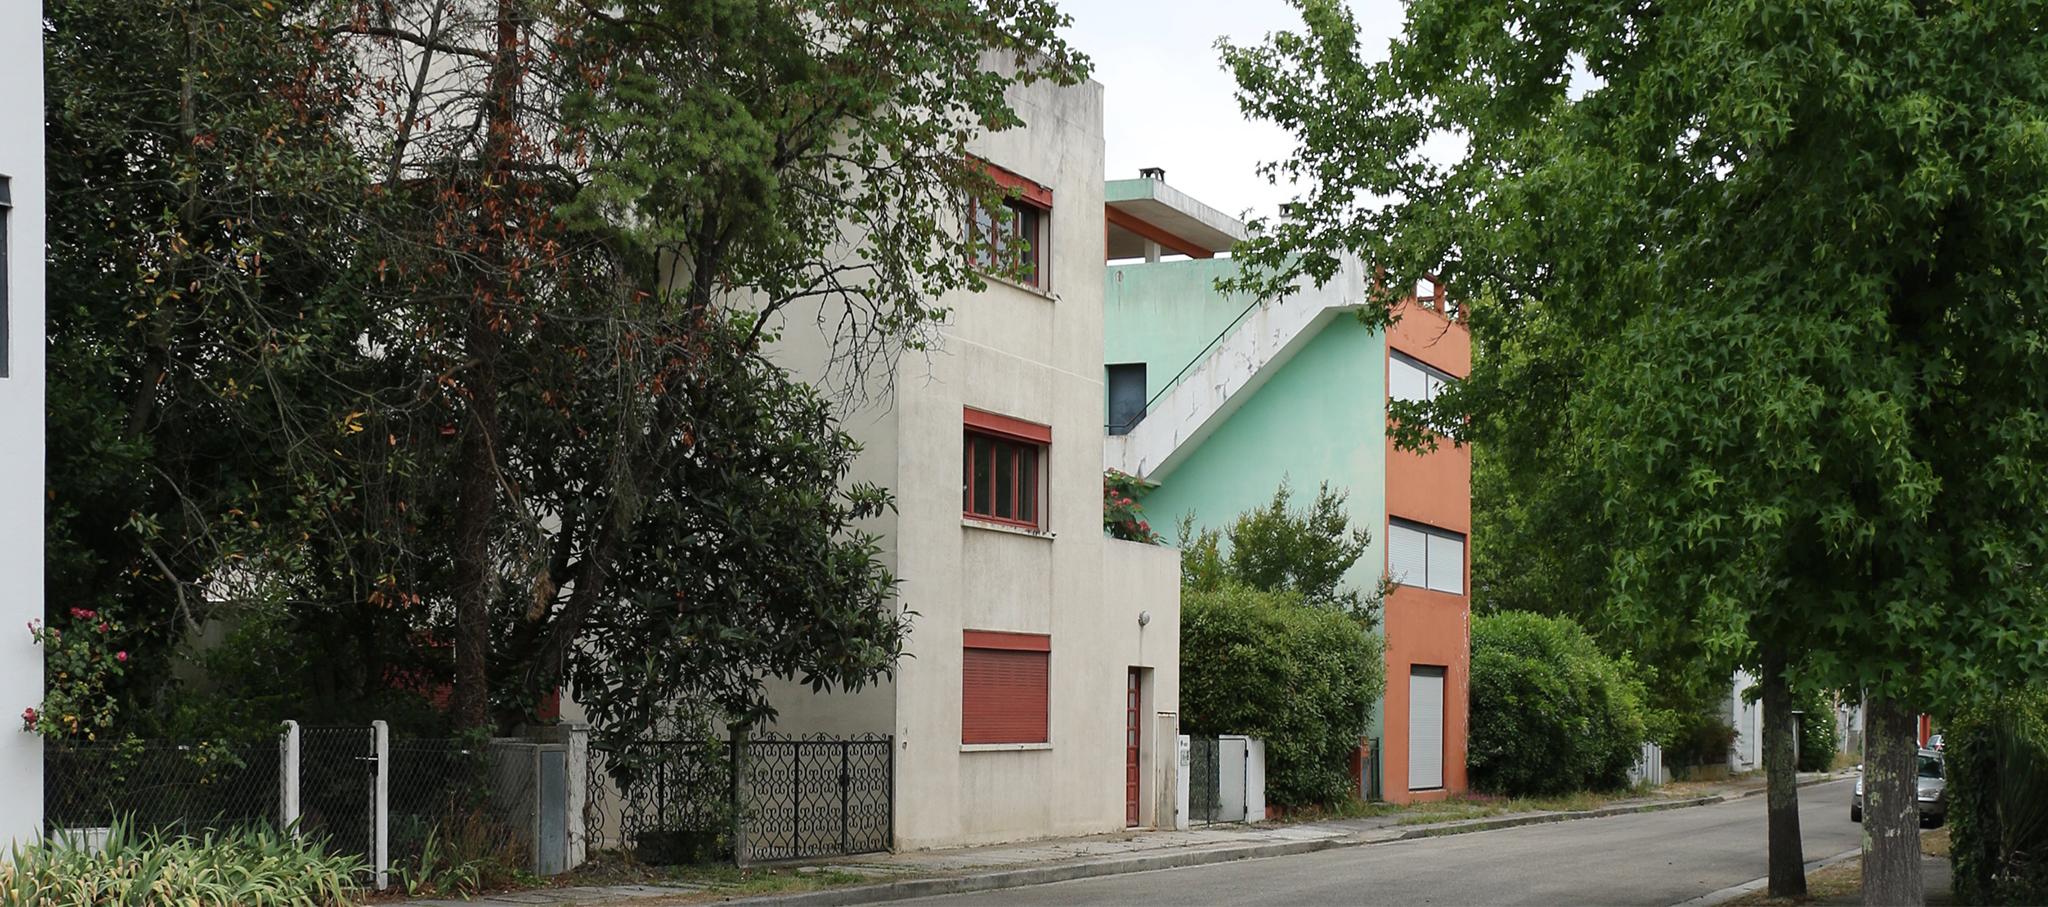 Cité Frugès by Le Corbusier, 24.06.2017. Photograph © Metalocus/José Juan Barba